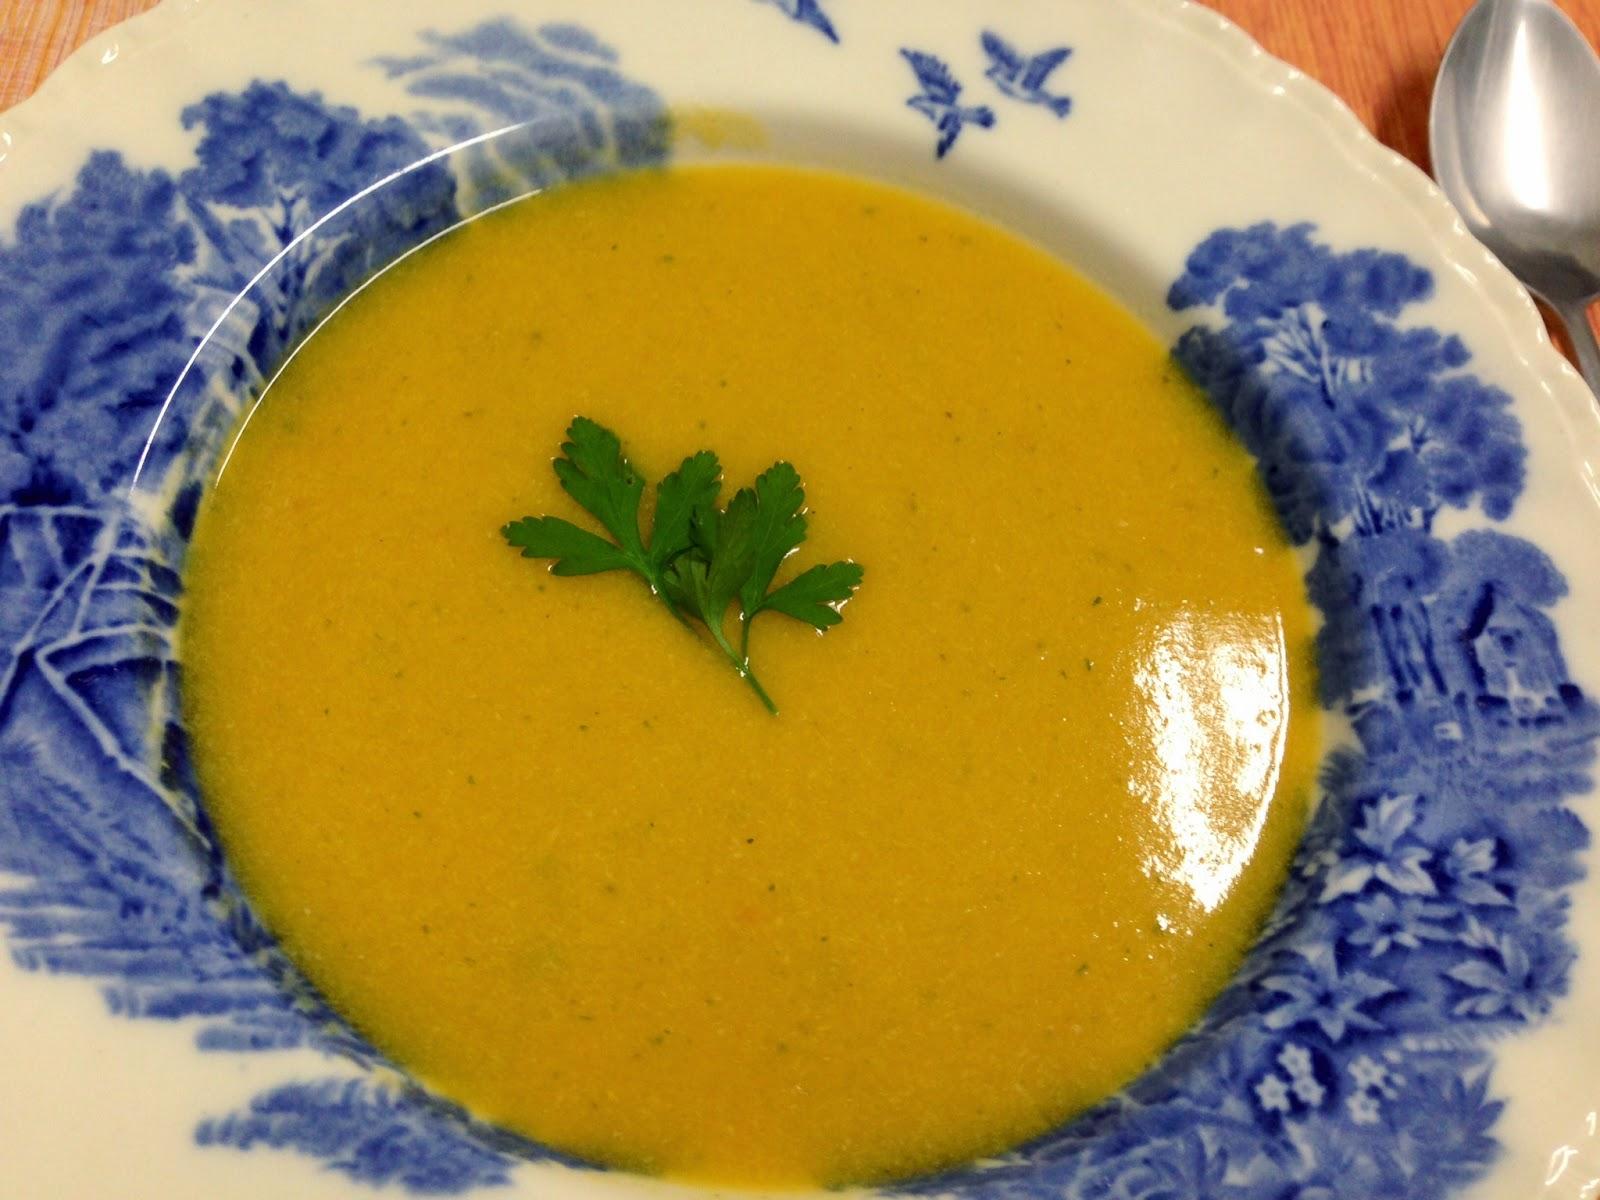 Sopa de Abóbora - Penso, logo divido